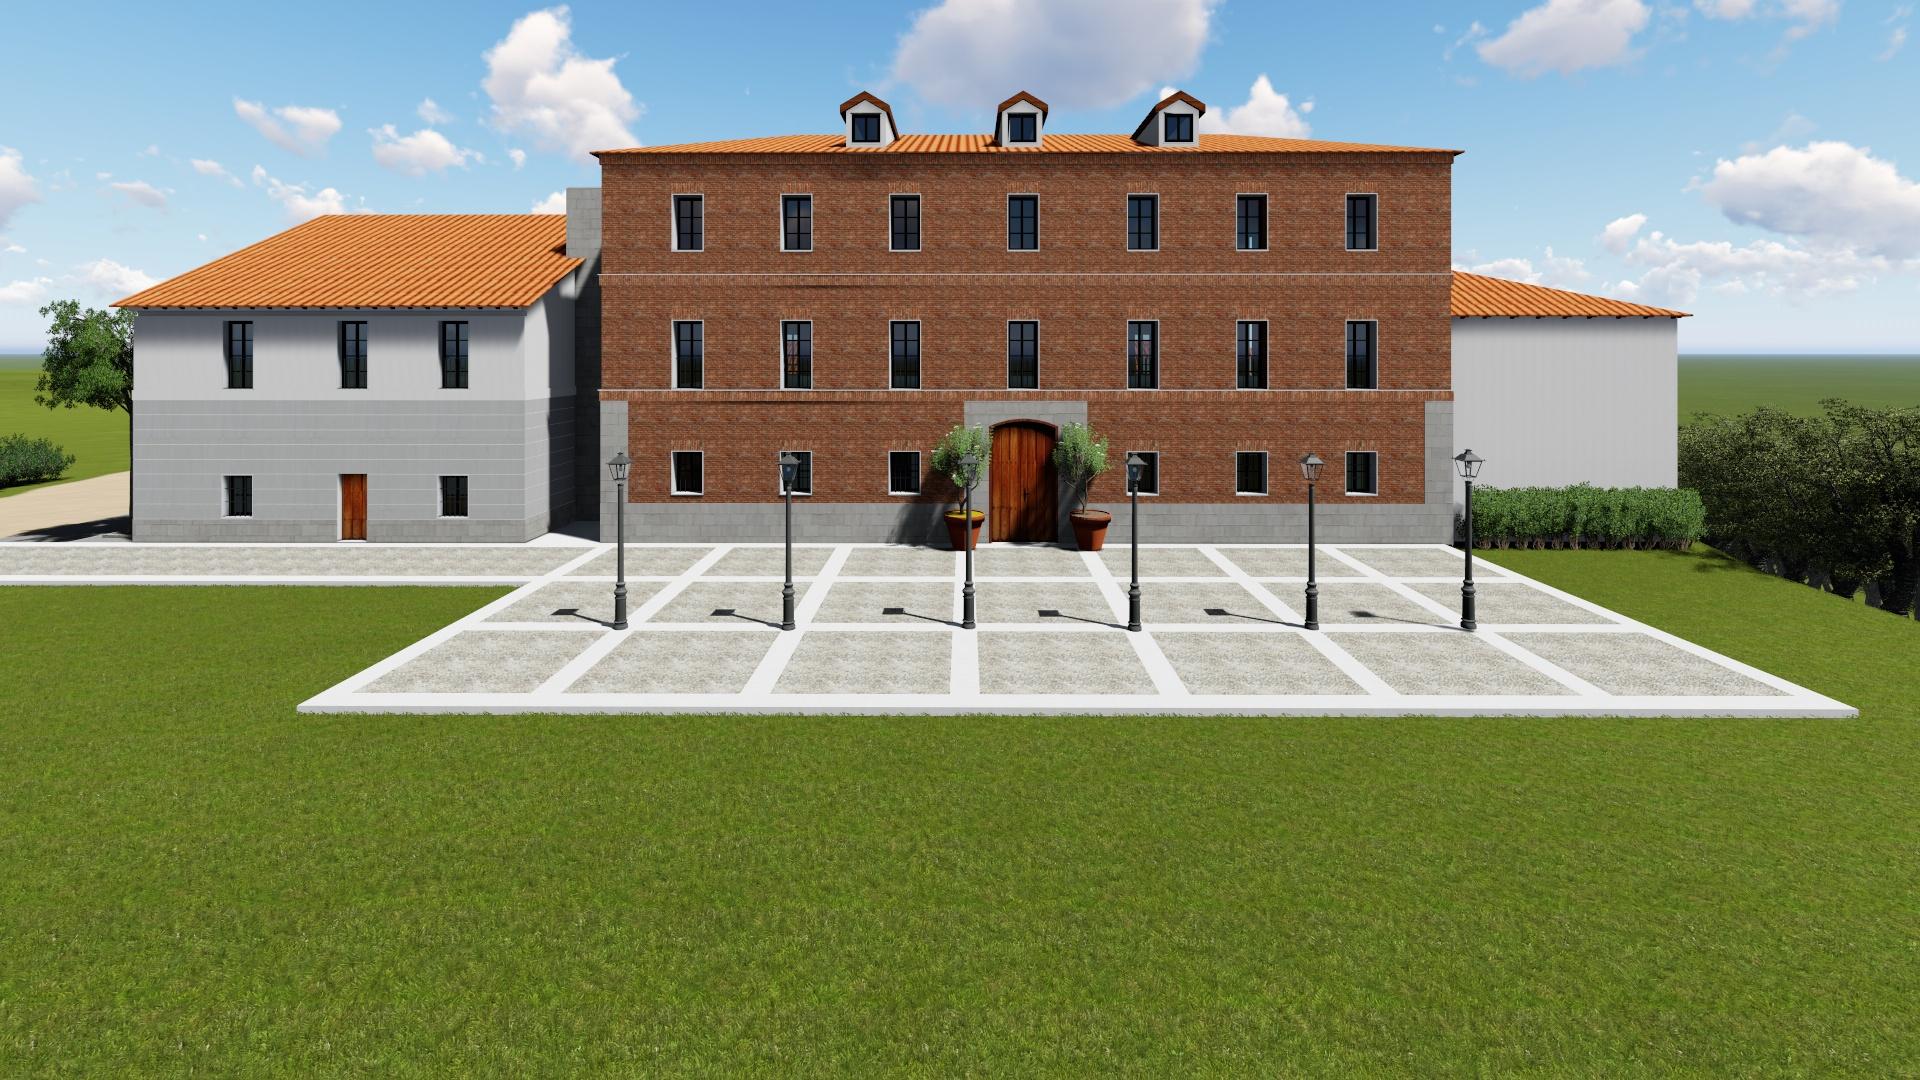 Hoteles y residencias arquitectura y urbanismo for Arquitectura y urbanismo